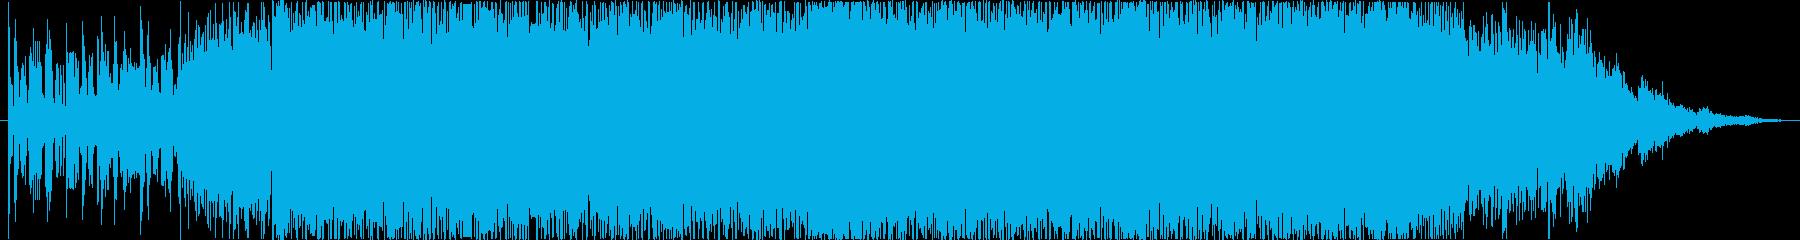 ノイジー、攻撃的なEDM の再生済みの波形